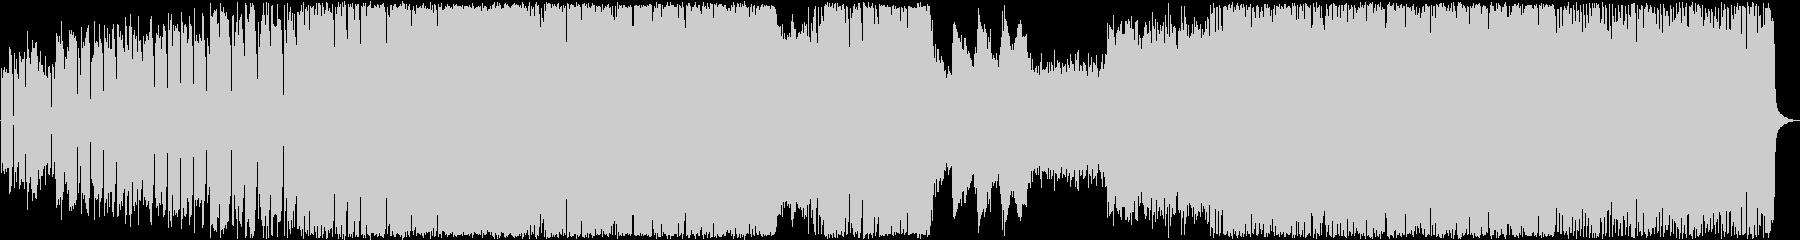 サイケデリックな暗めピアノバンドサウンドの未再生の波形